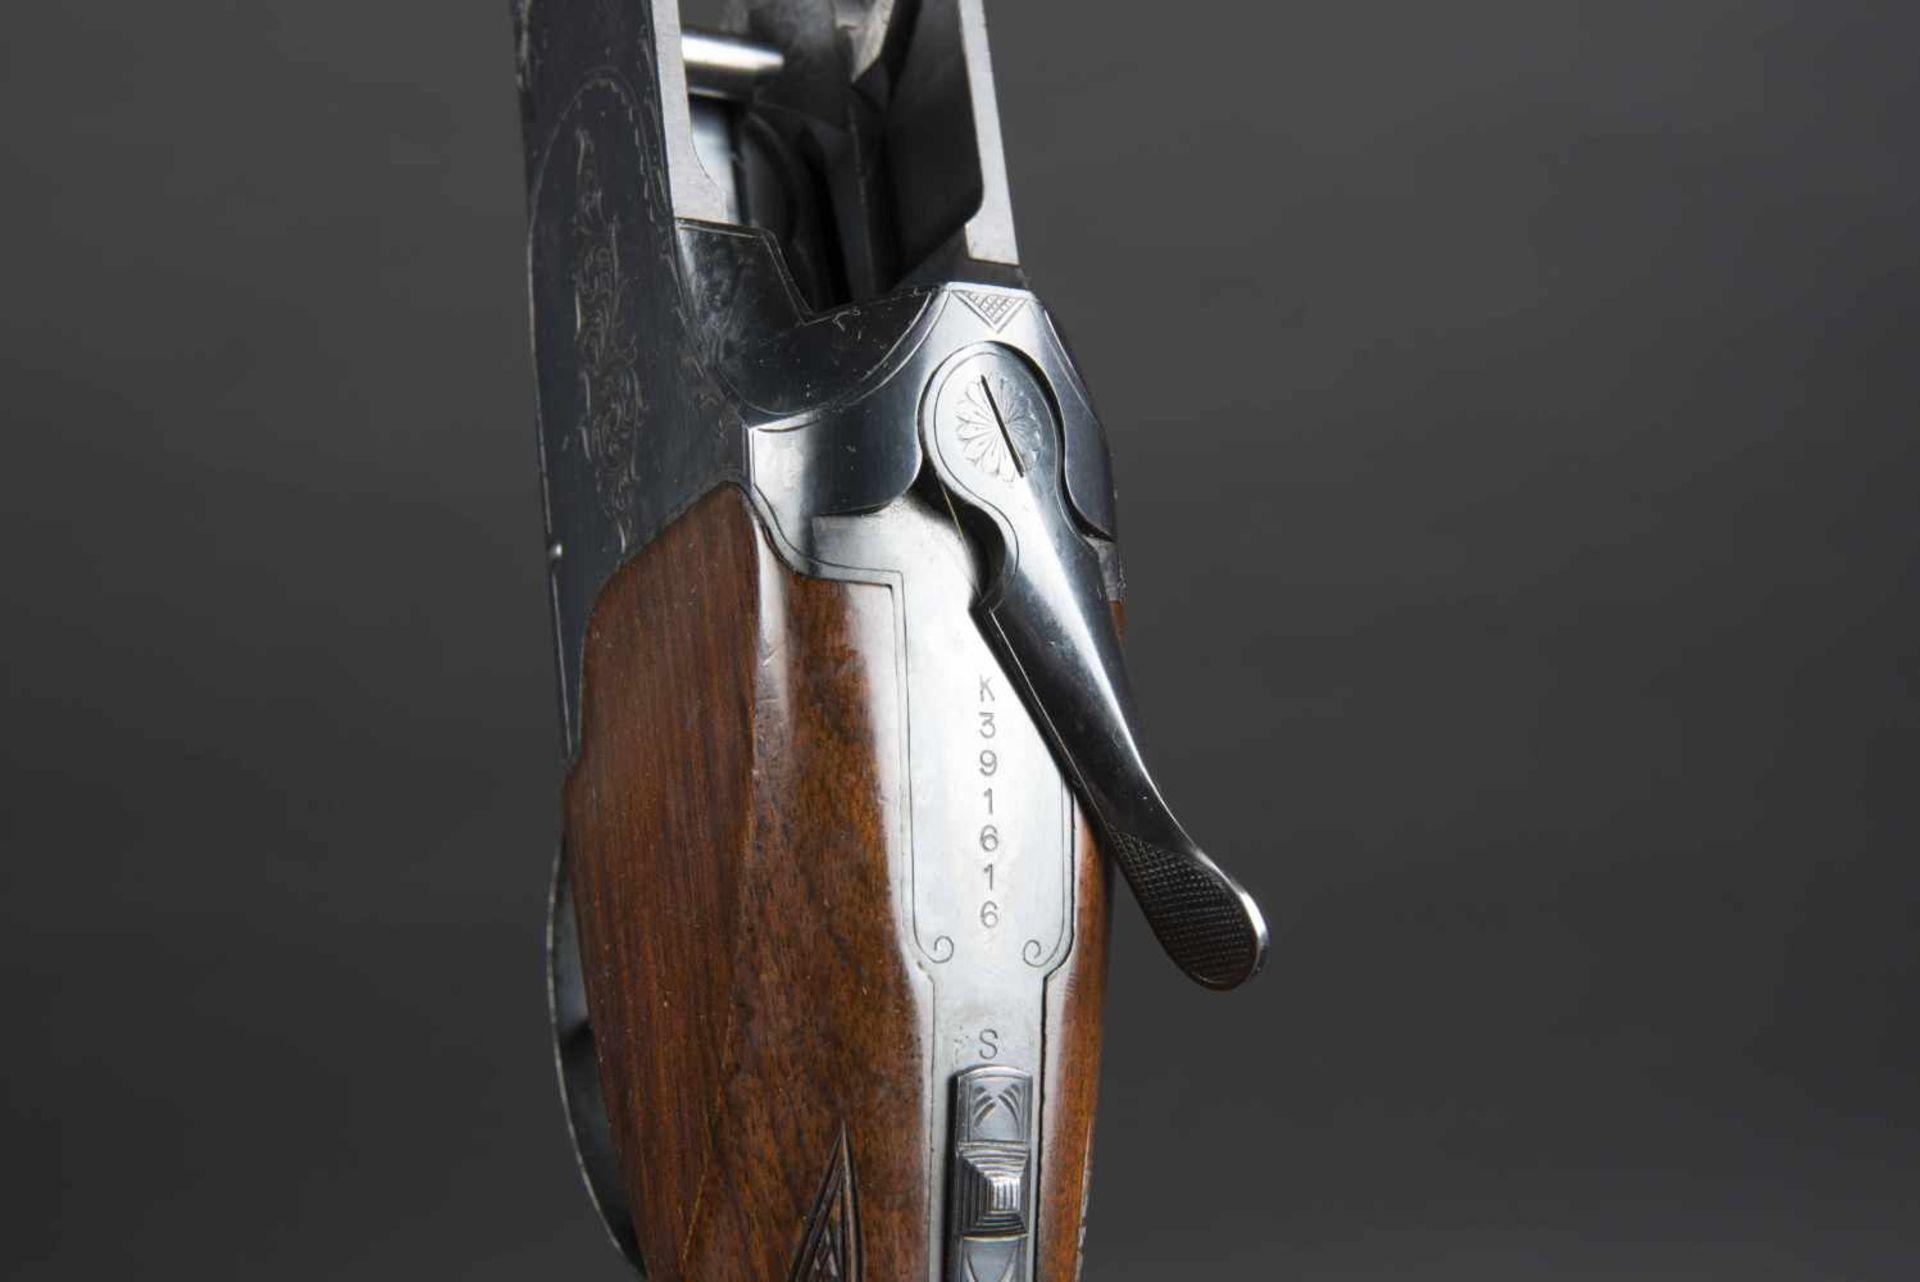 Fusil superposé Winchester Mod 40, catégorie C Calibre 12/70, numéro 391616. Certificat du Banc d' - Bild 2 aus 4